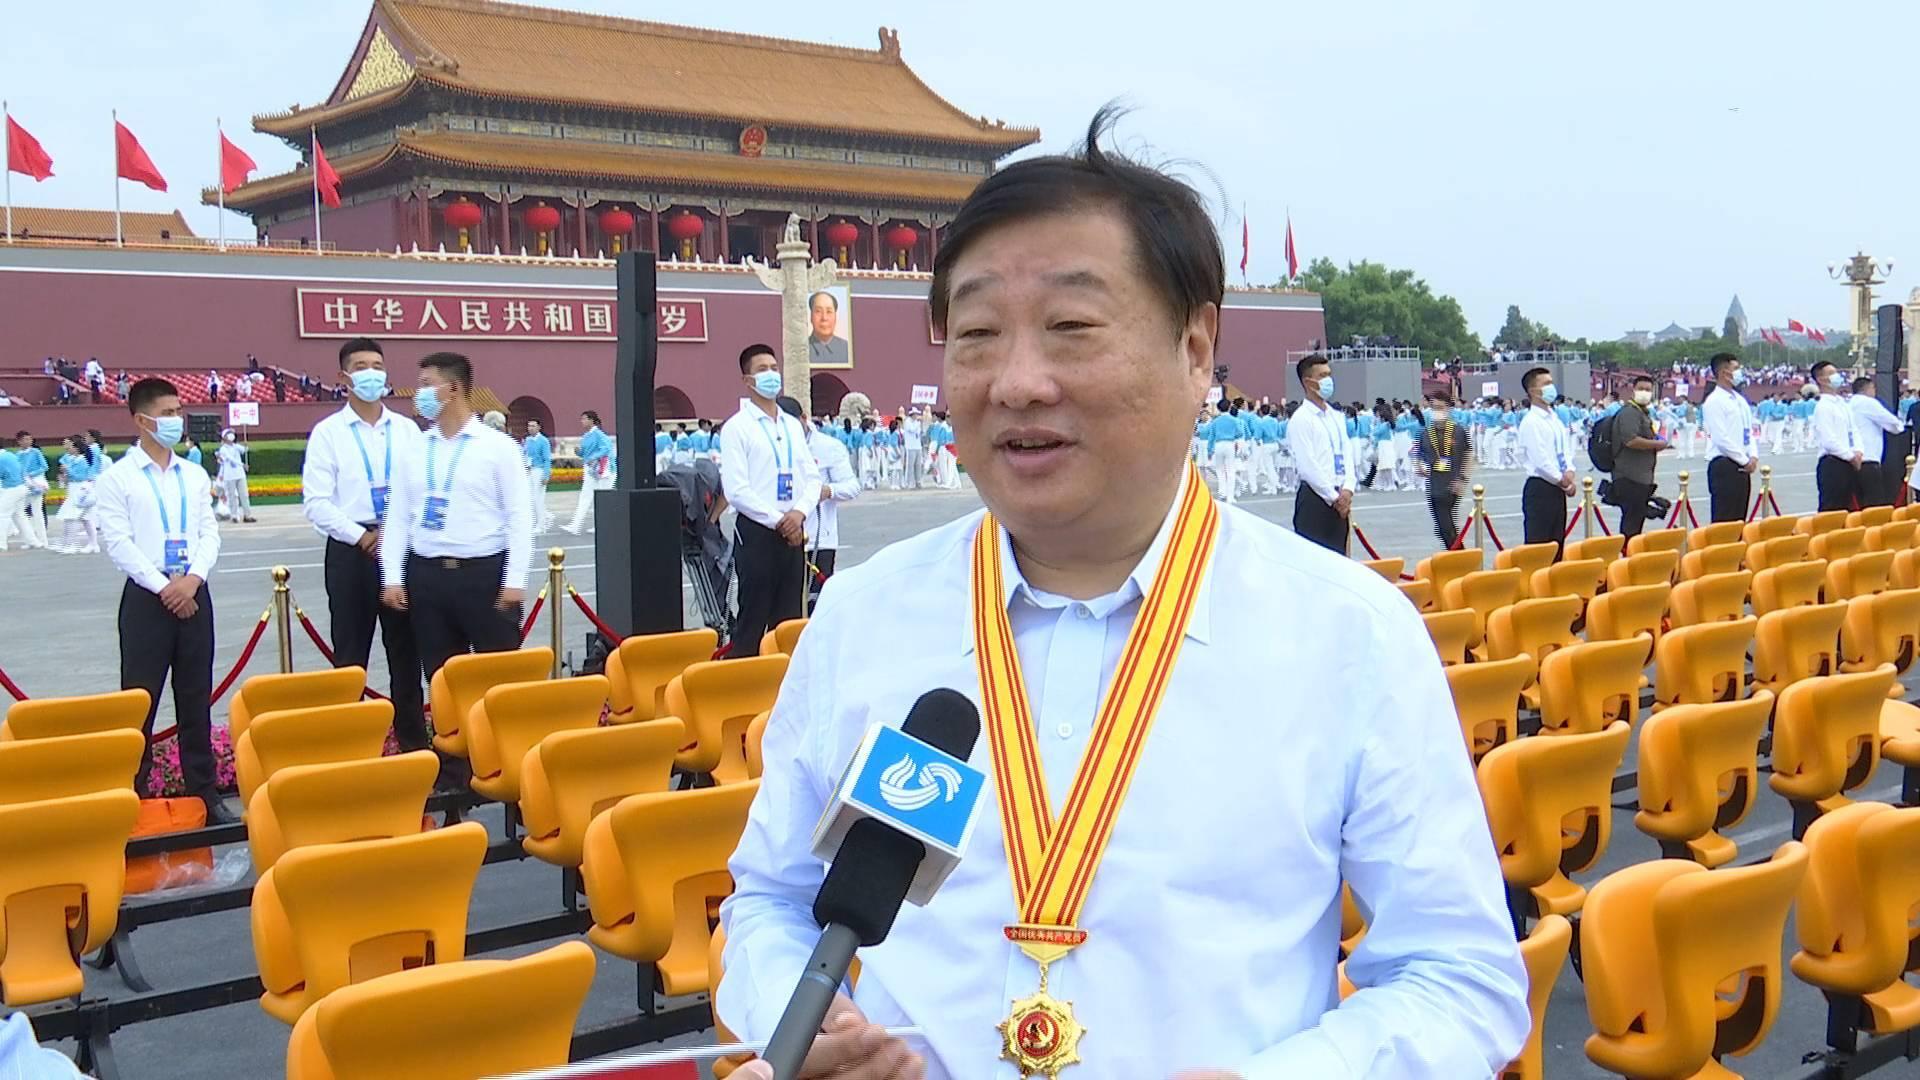 全国优秀共产党员谭旭光:党领导中国人民从站起来到富起来 我们更有信心实现新的百年目标